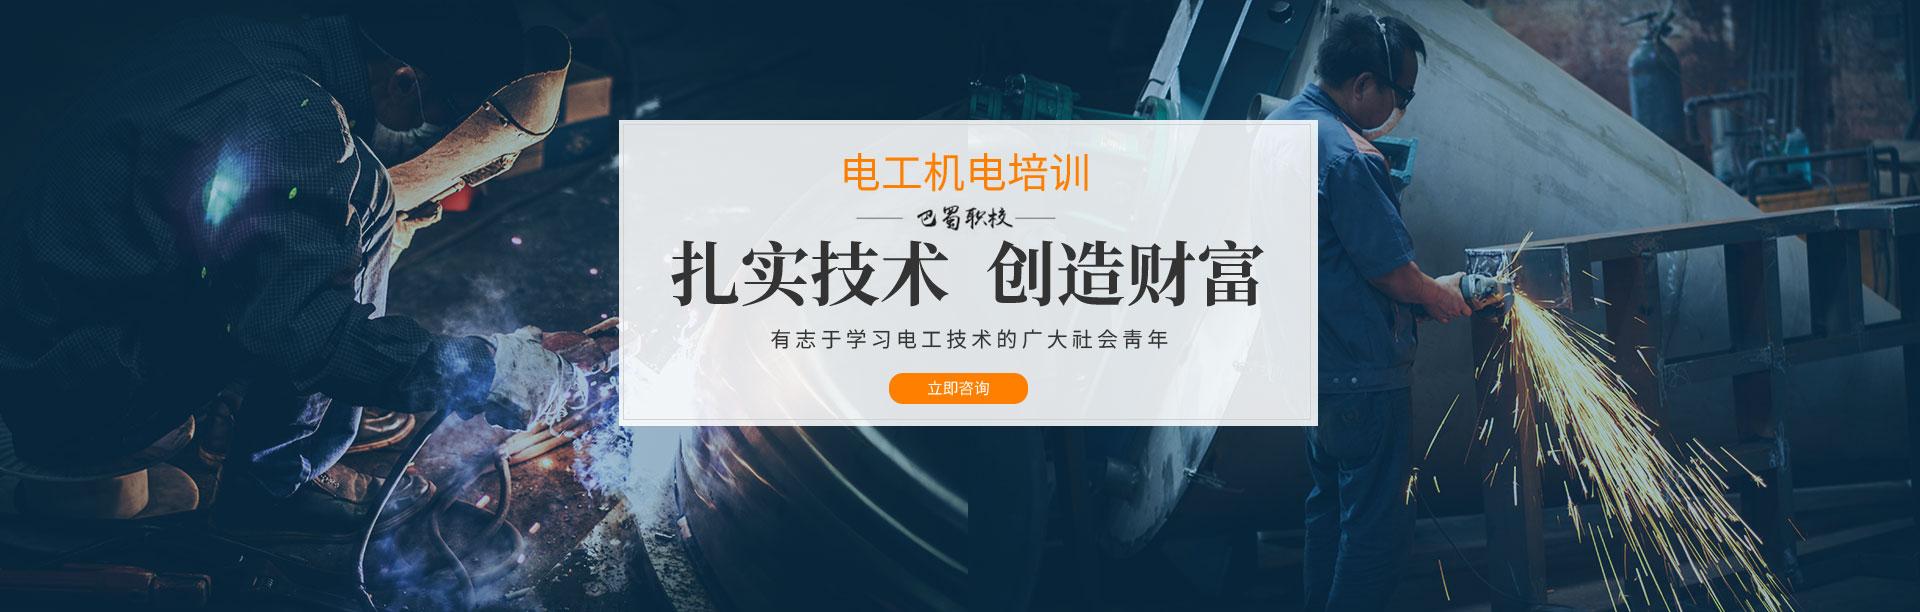 重庆电工培训